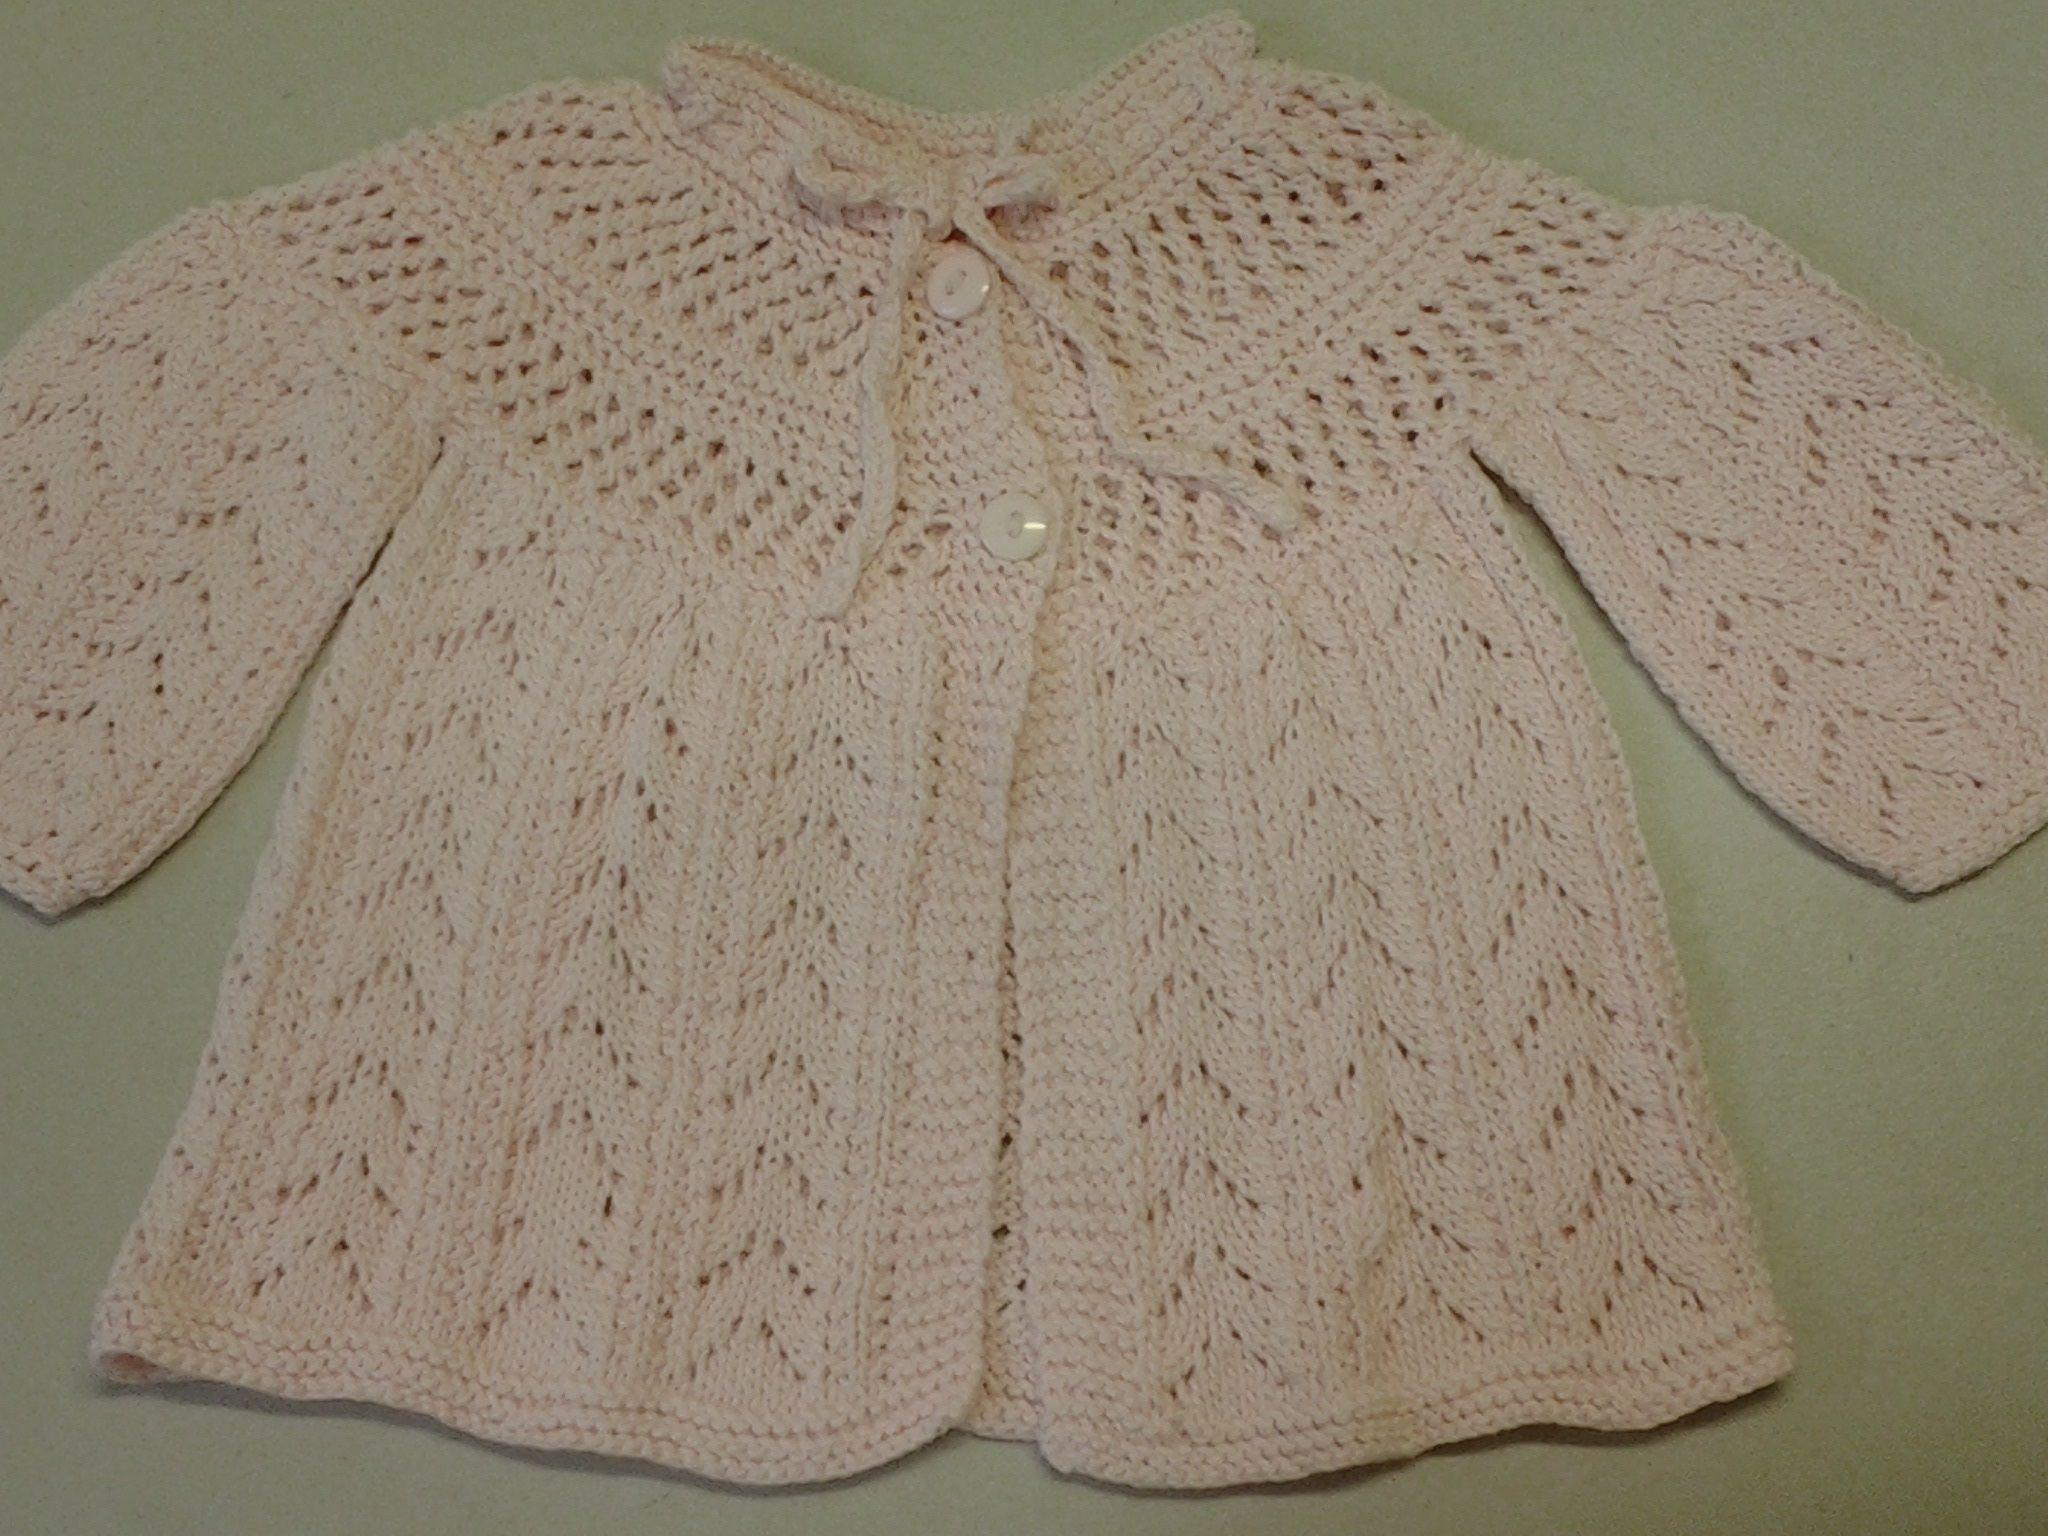 Es una chambrita para beb de 6 meses aproximadamente tejida con agujas en hilaza de algod n - Tejer chaqueta bebe 6 meses ...